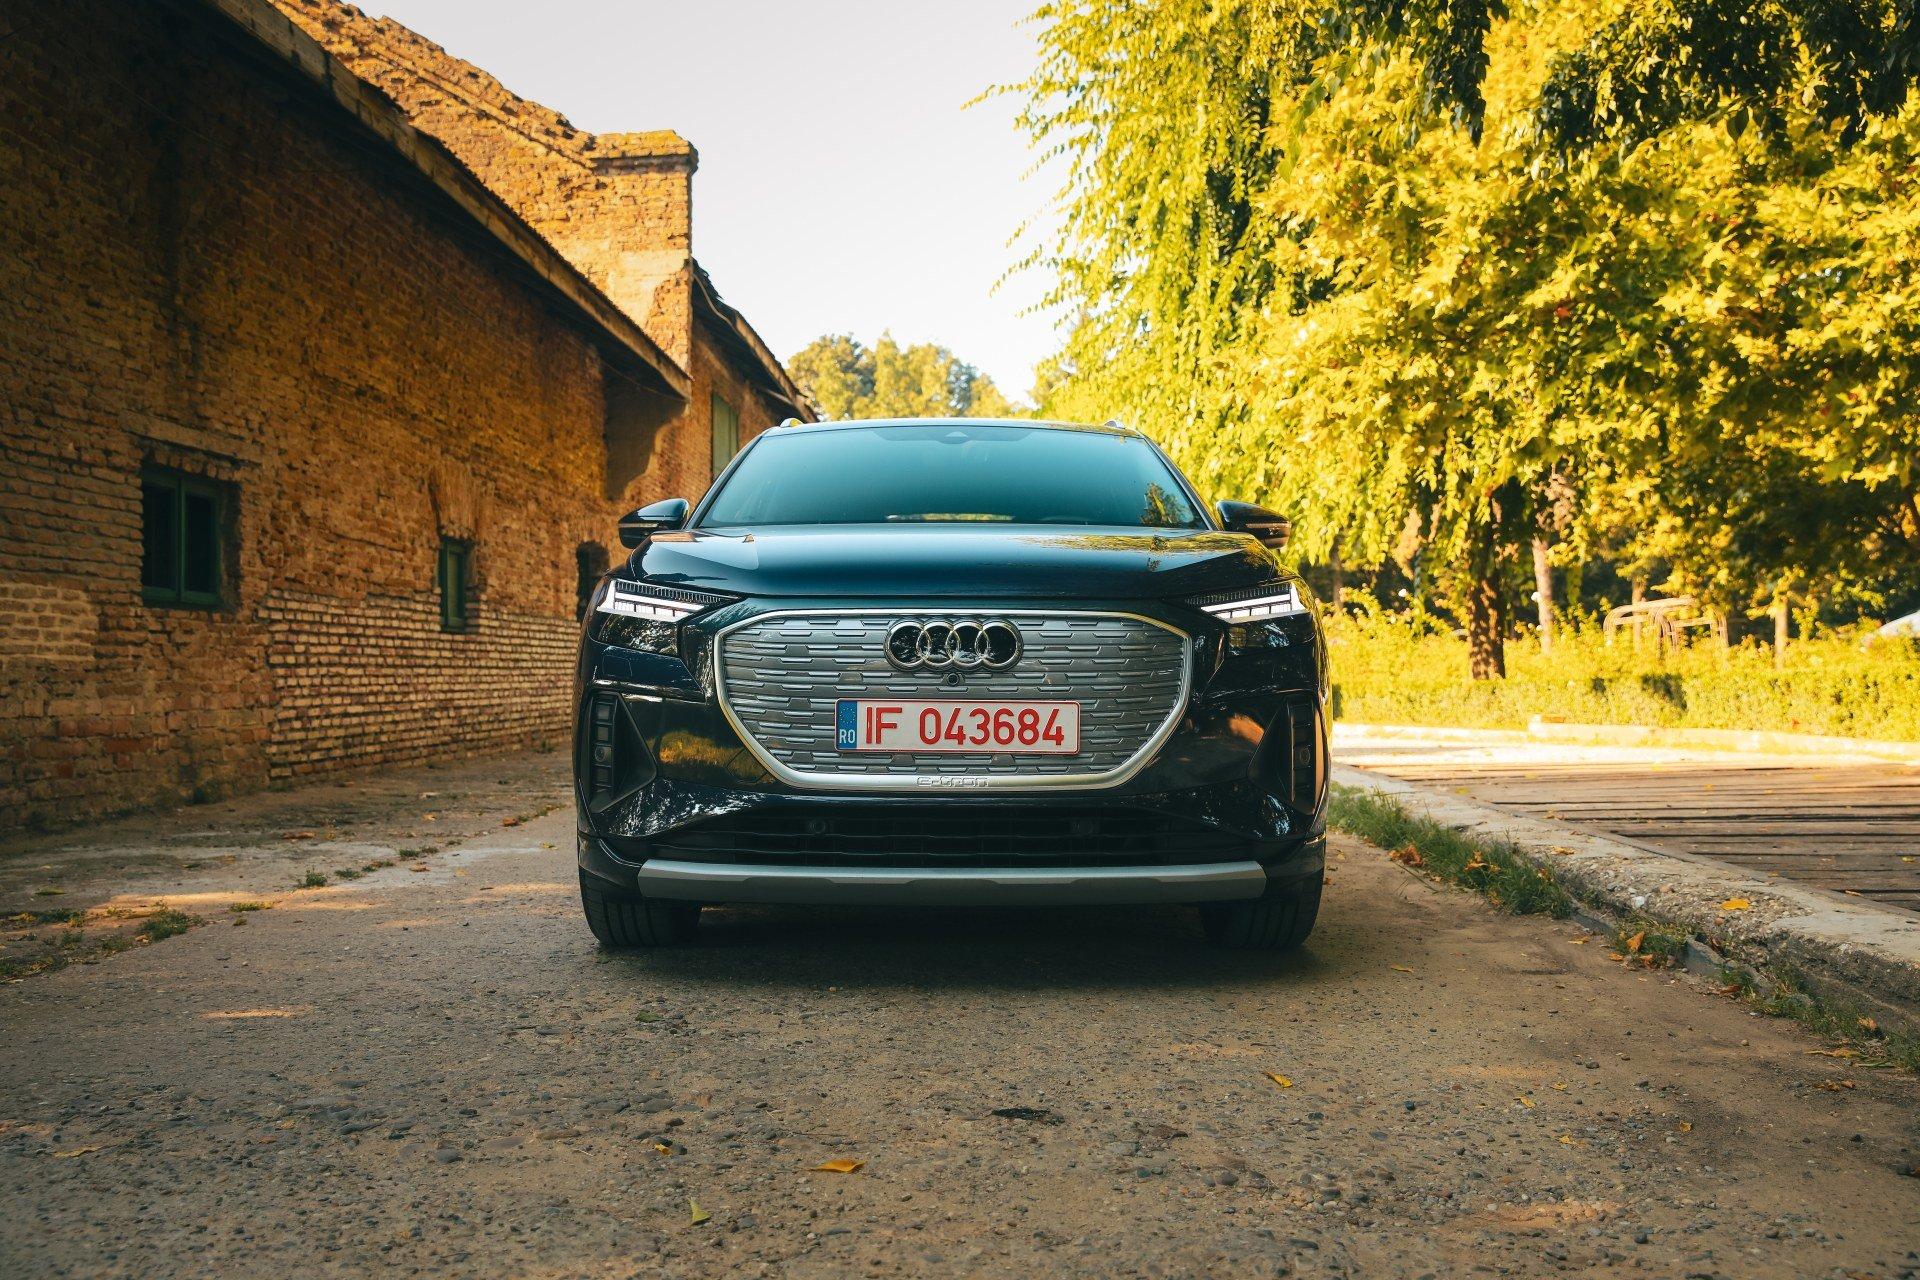 driven-2021-audi-q4-e-tron-50-quattro-audi-s-version-of-the-id4_4.jpg